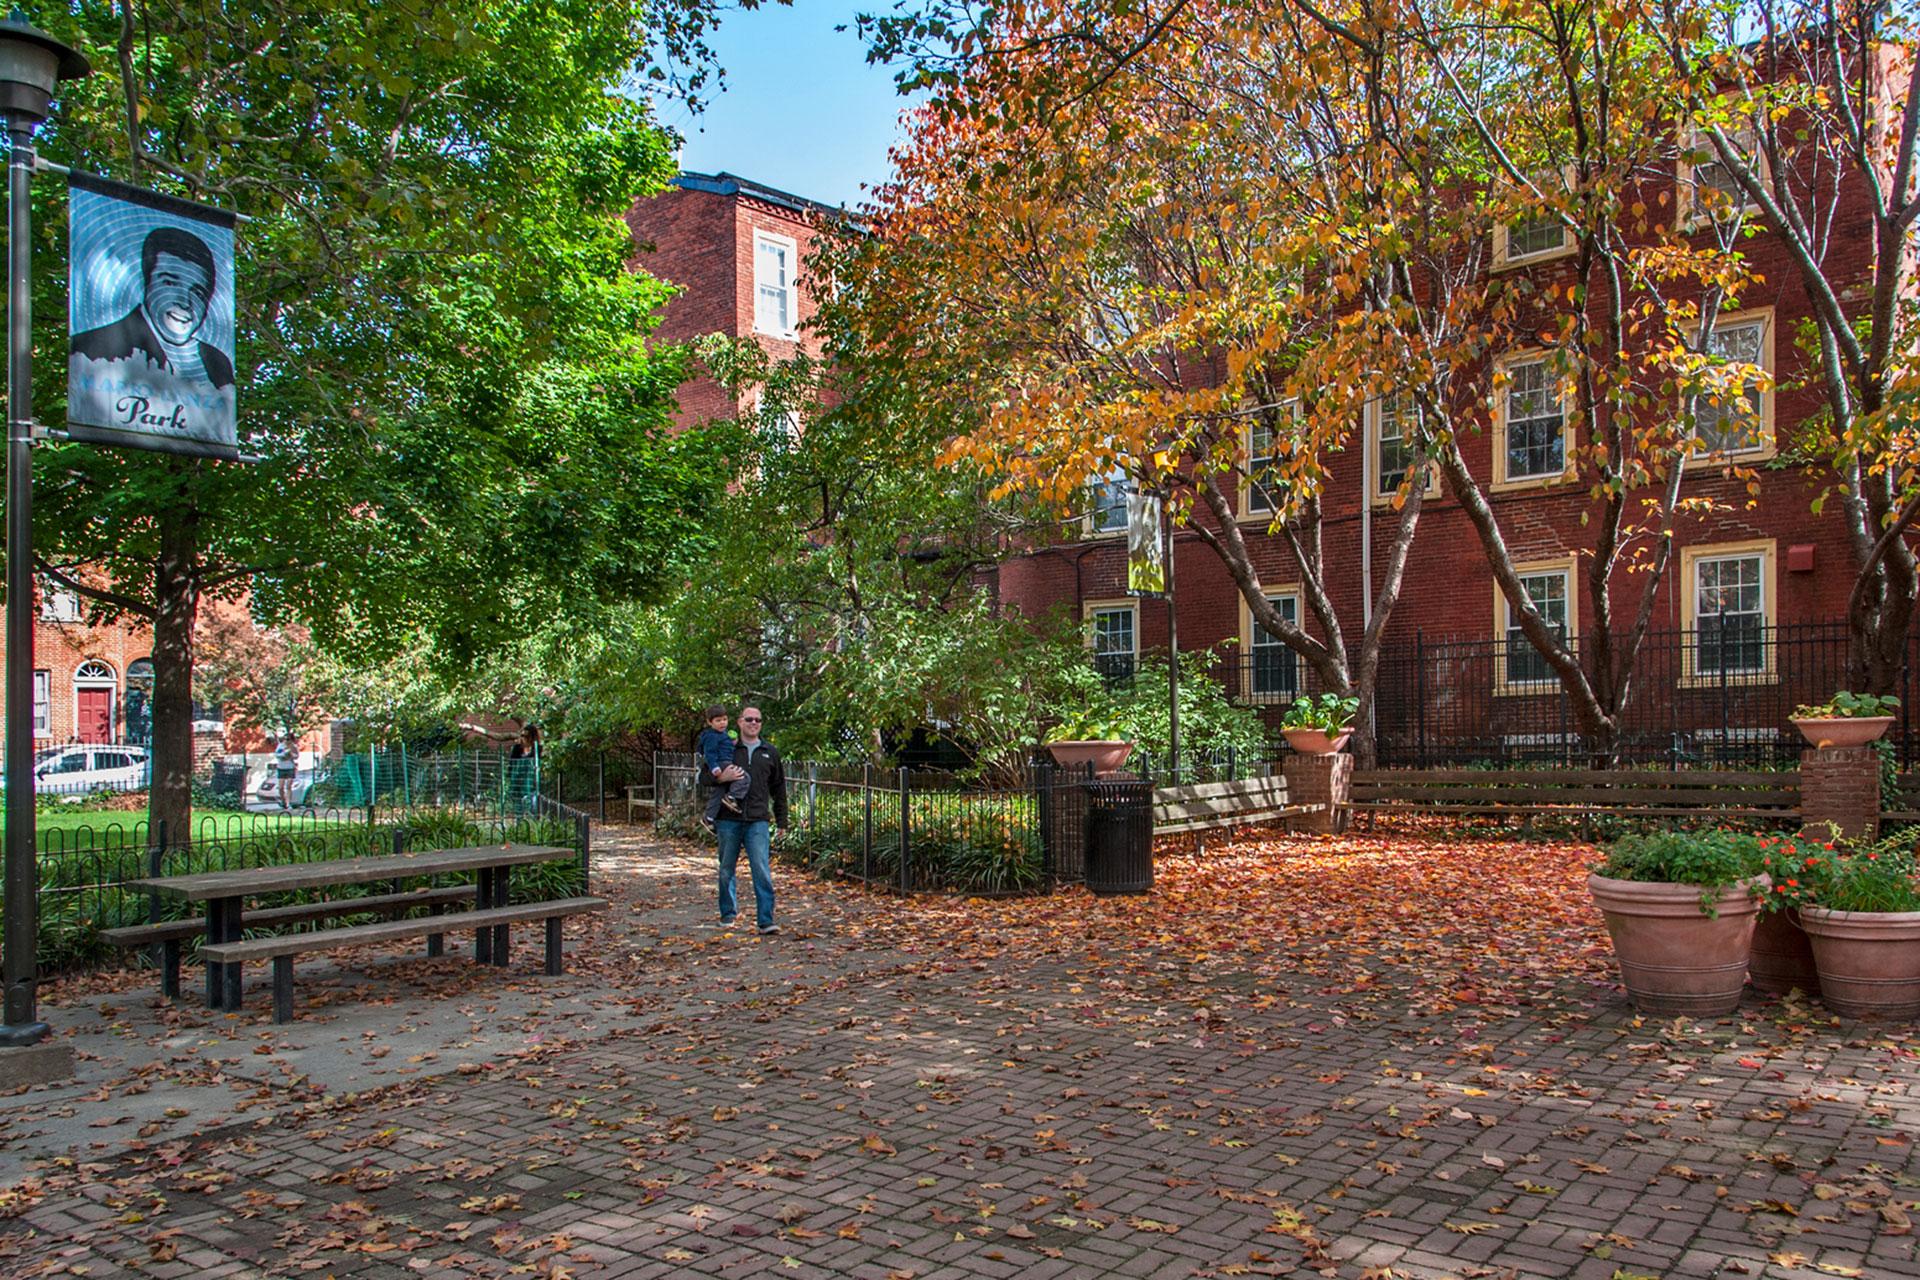 Queen Village in Philadelphia